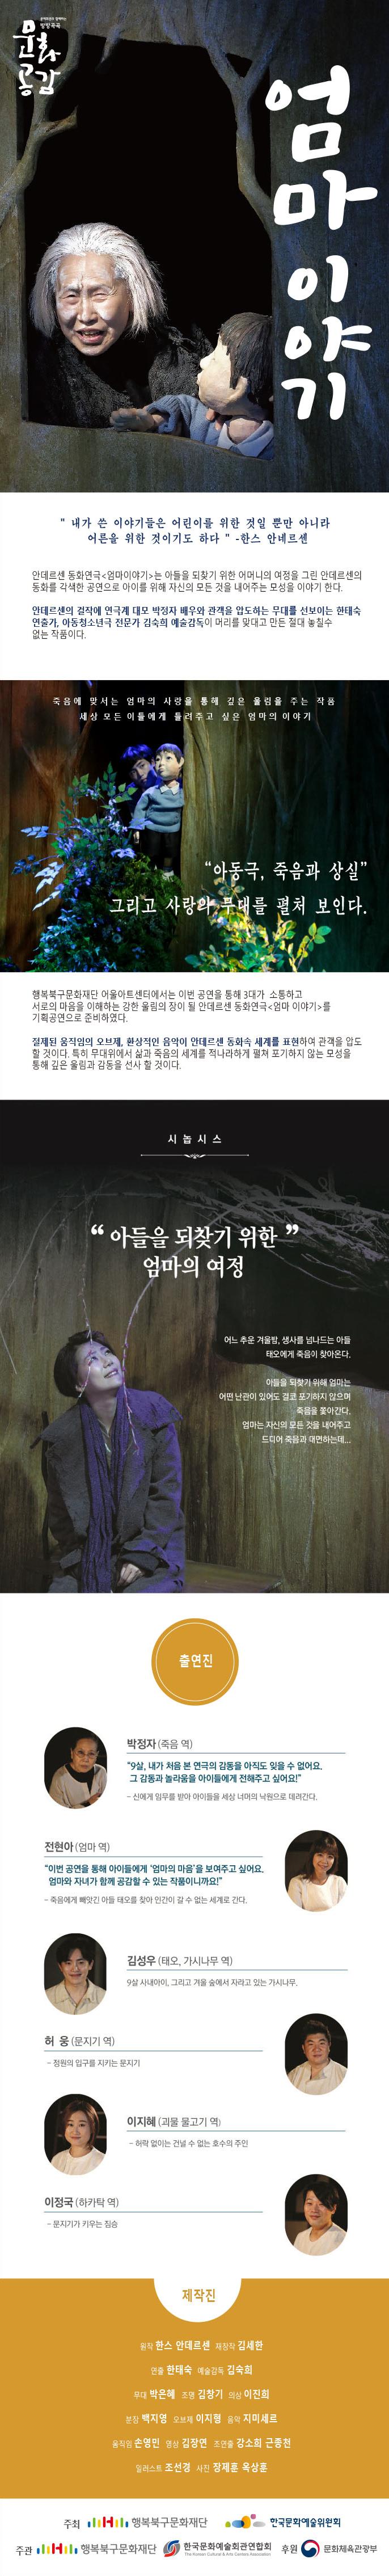 엄미이야기-웹이미지(행복).png